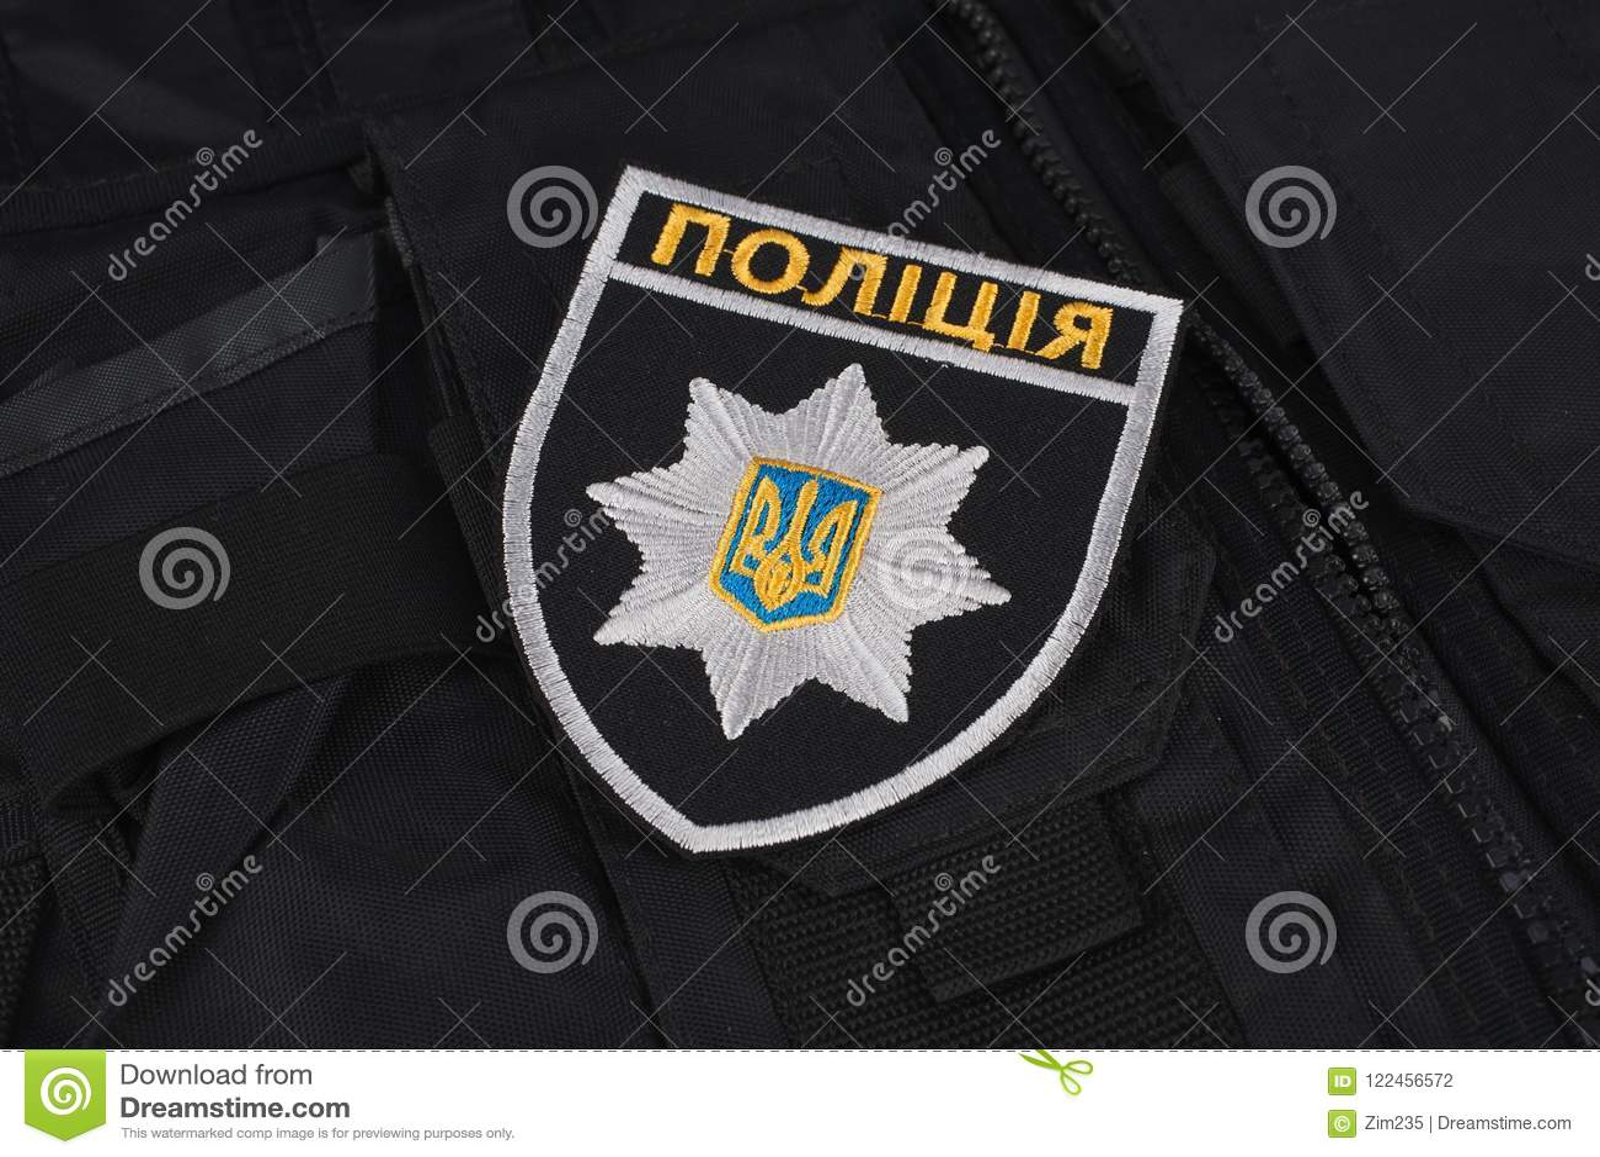 ΚΙΕΒΟ, ΟΥΚΡΑΝΙΑ - 22 ΝΟΕΜΒΡΊΟΥ 2016 Μπάλωμα και διακριτικό της εθνικής αστυνομίας της Ουκρανίας στο μαύρο ομοιόμορφο υπόβαθρο